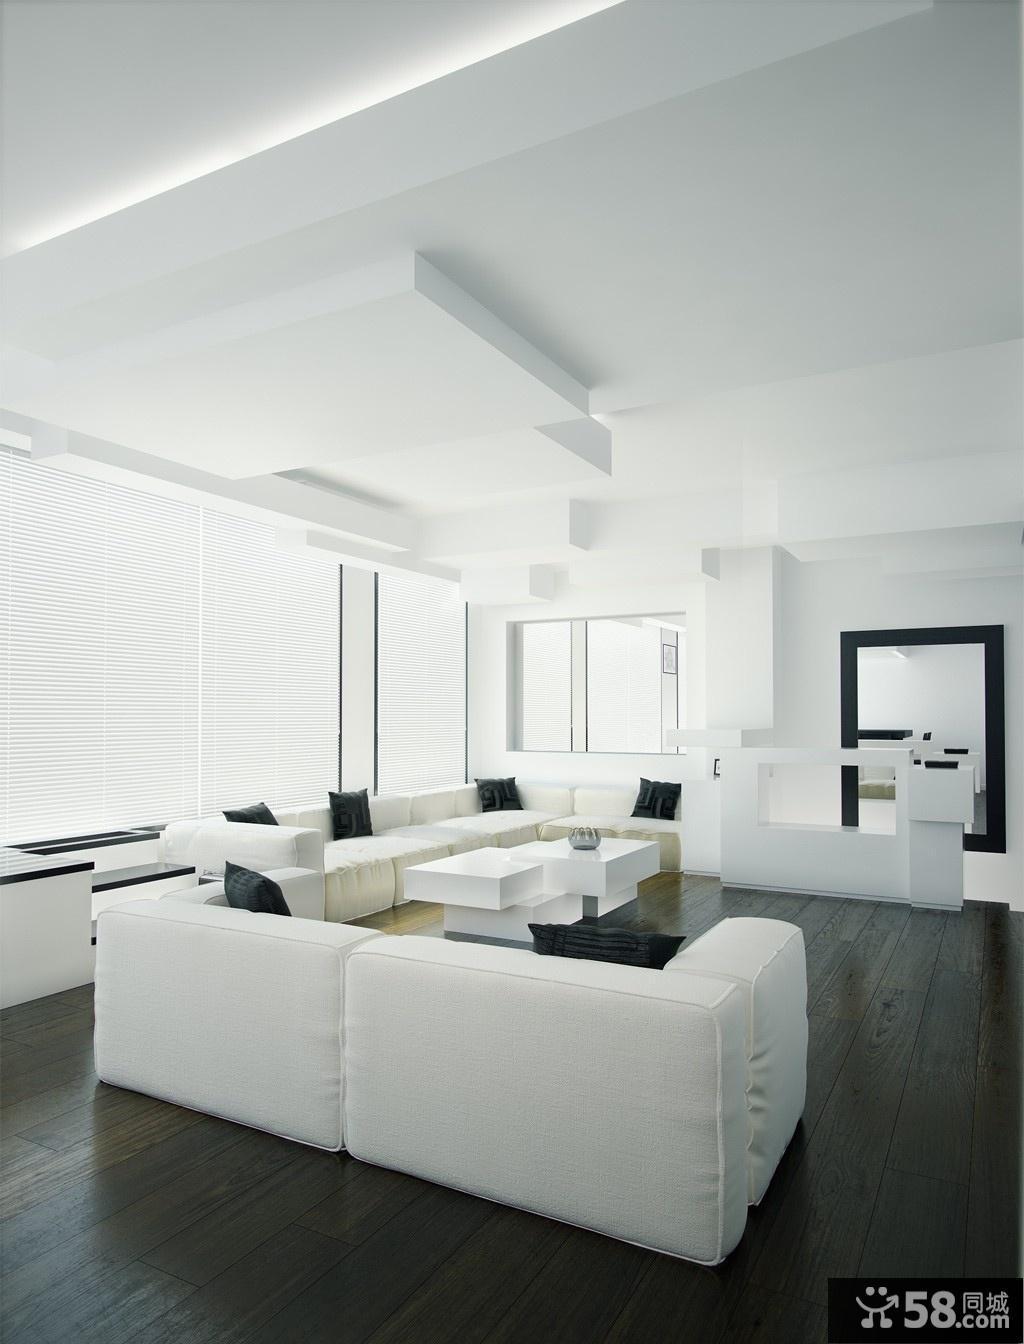 欧式室内客厅装修